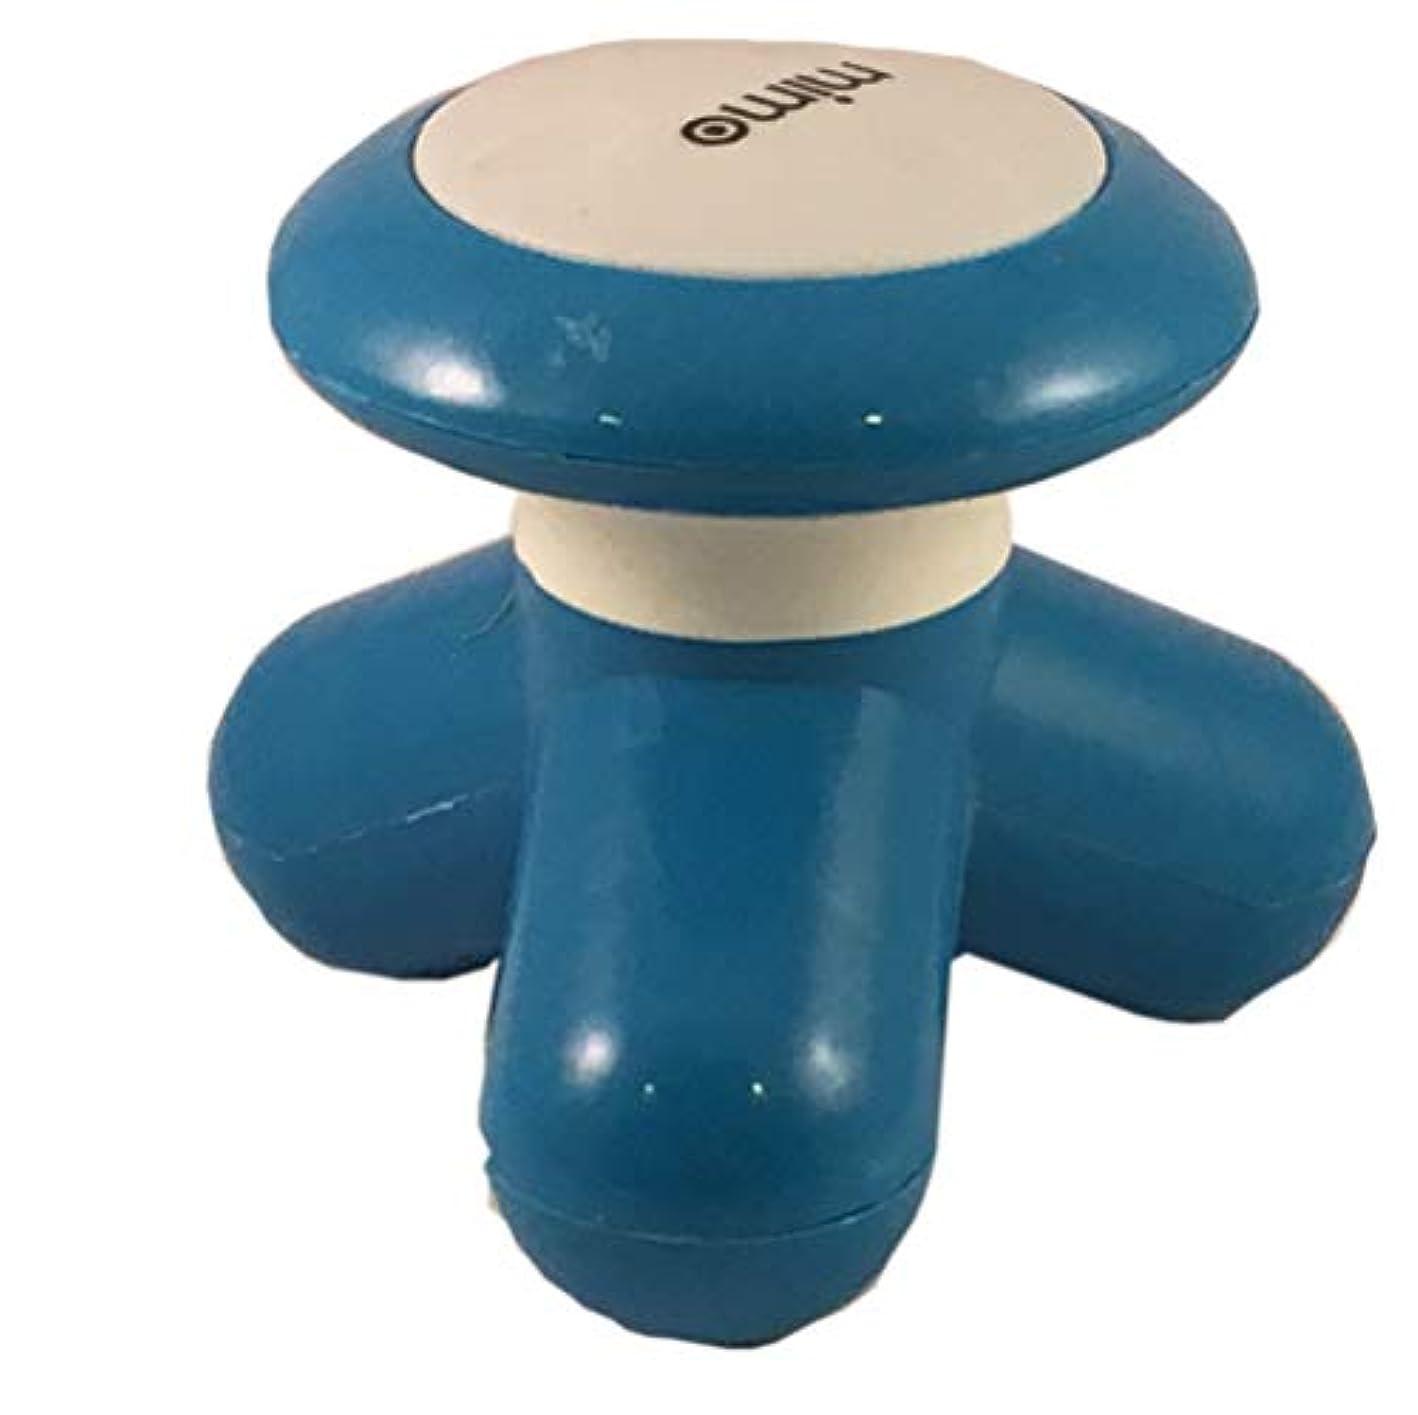 空白信頼性アトミックE4G Crossroads ハンディマッサージャー HRK ブルー 肩 首 腰 マッサージ リラックス【小型 電動マッサージ器 かわいい デザイン インテリア 1年間保証】(ブルー)